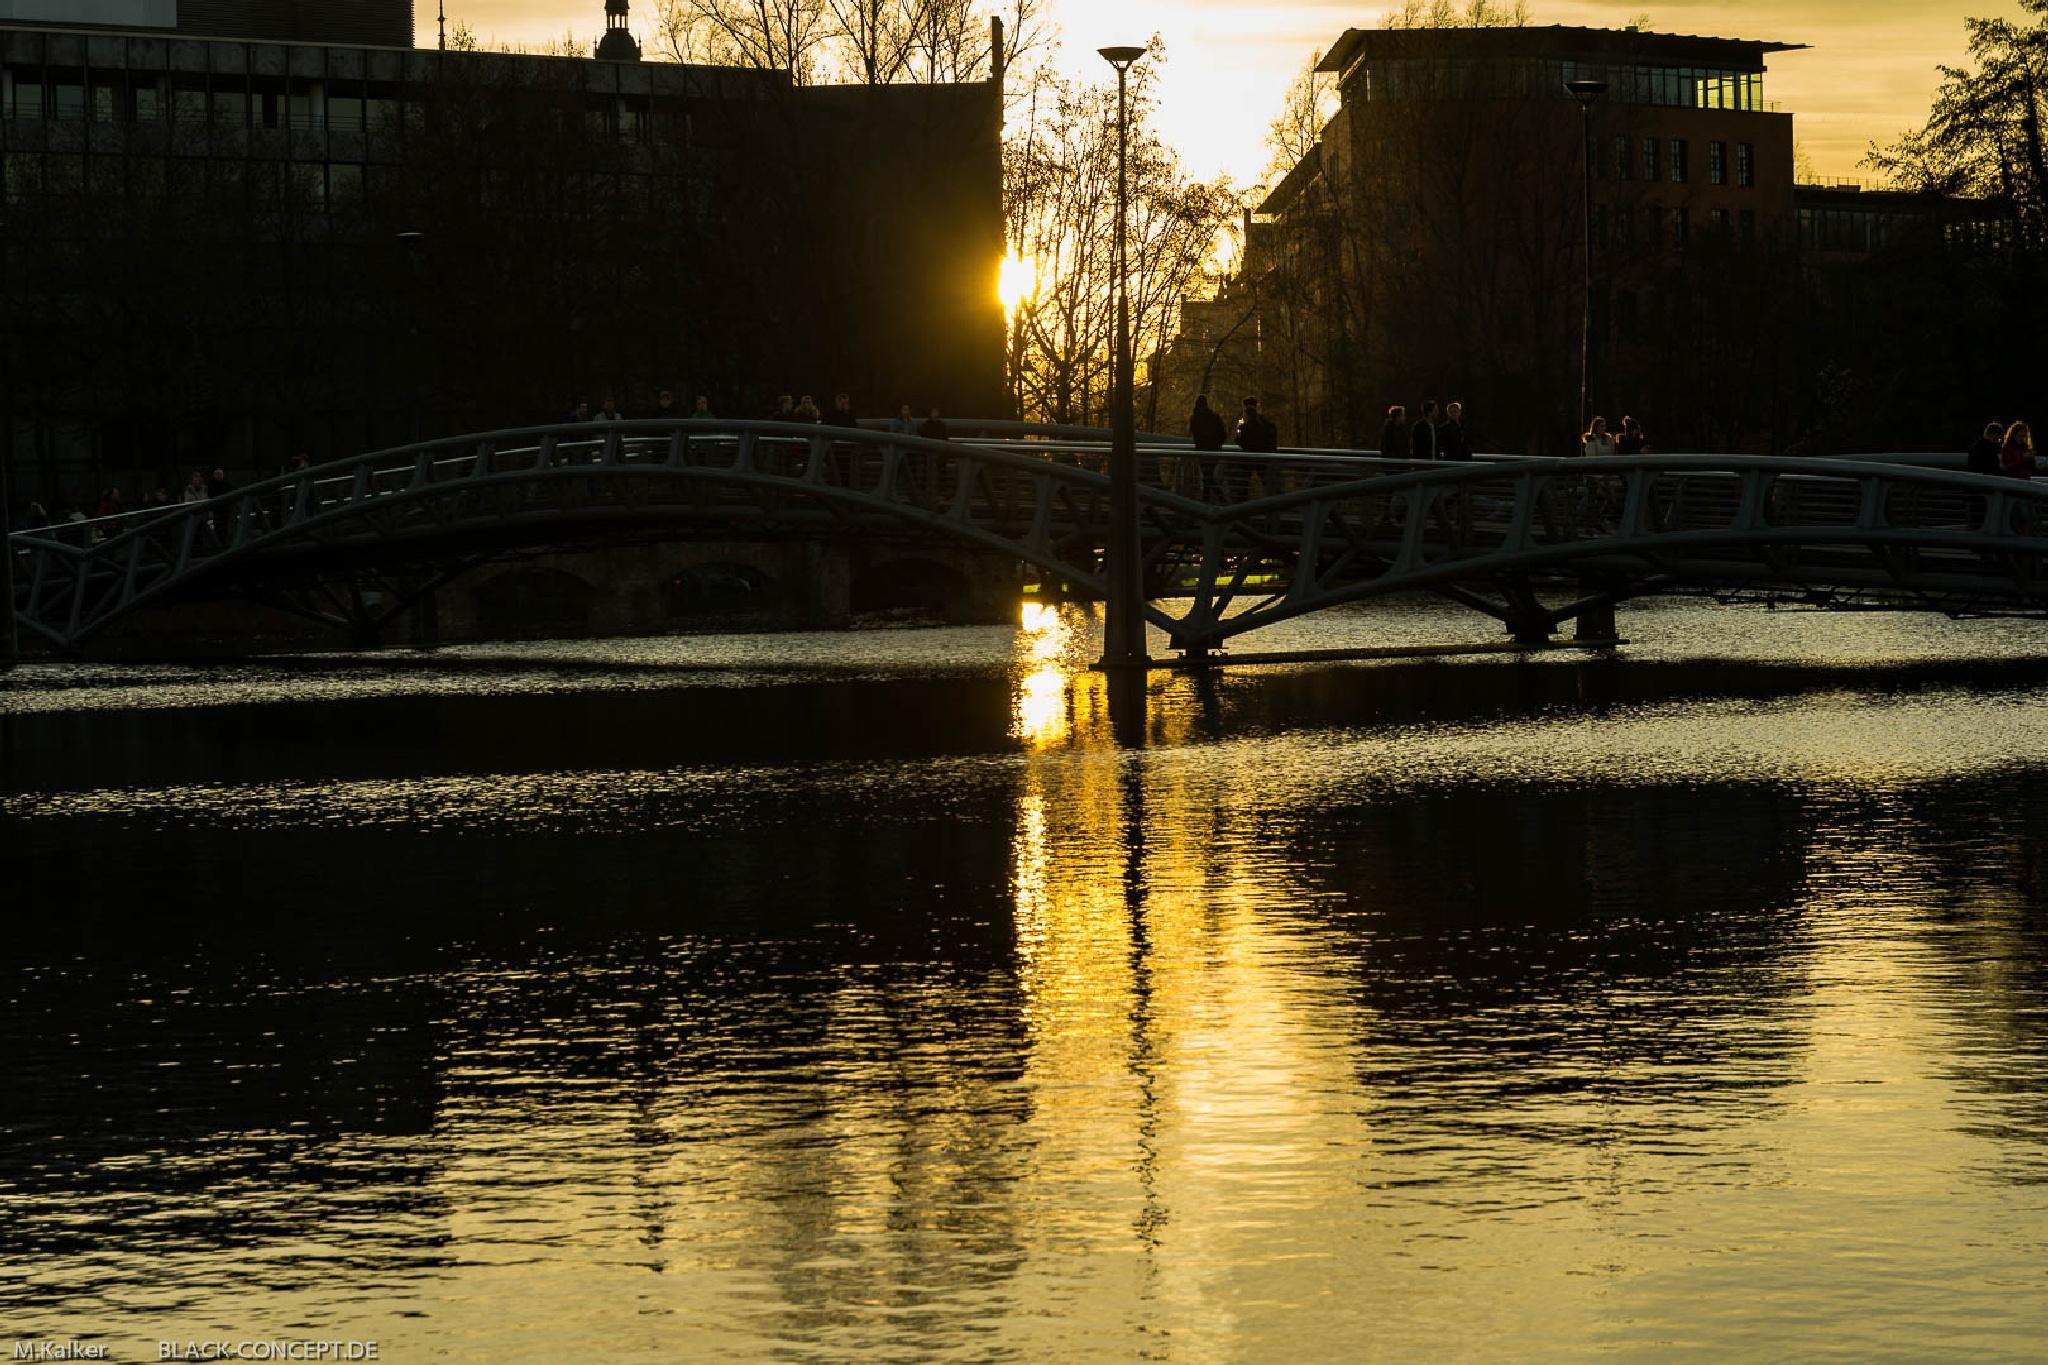 Sonnenuntergang by MKalker/TedSani